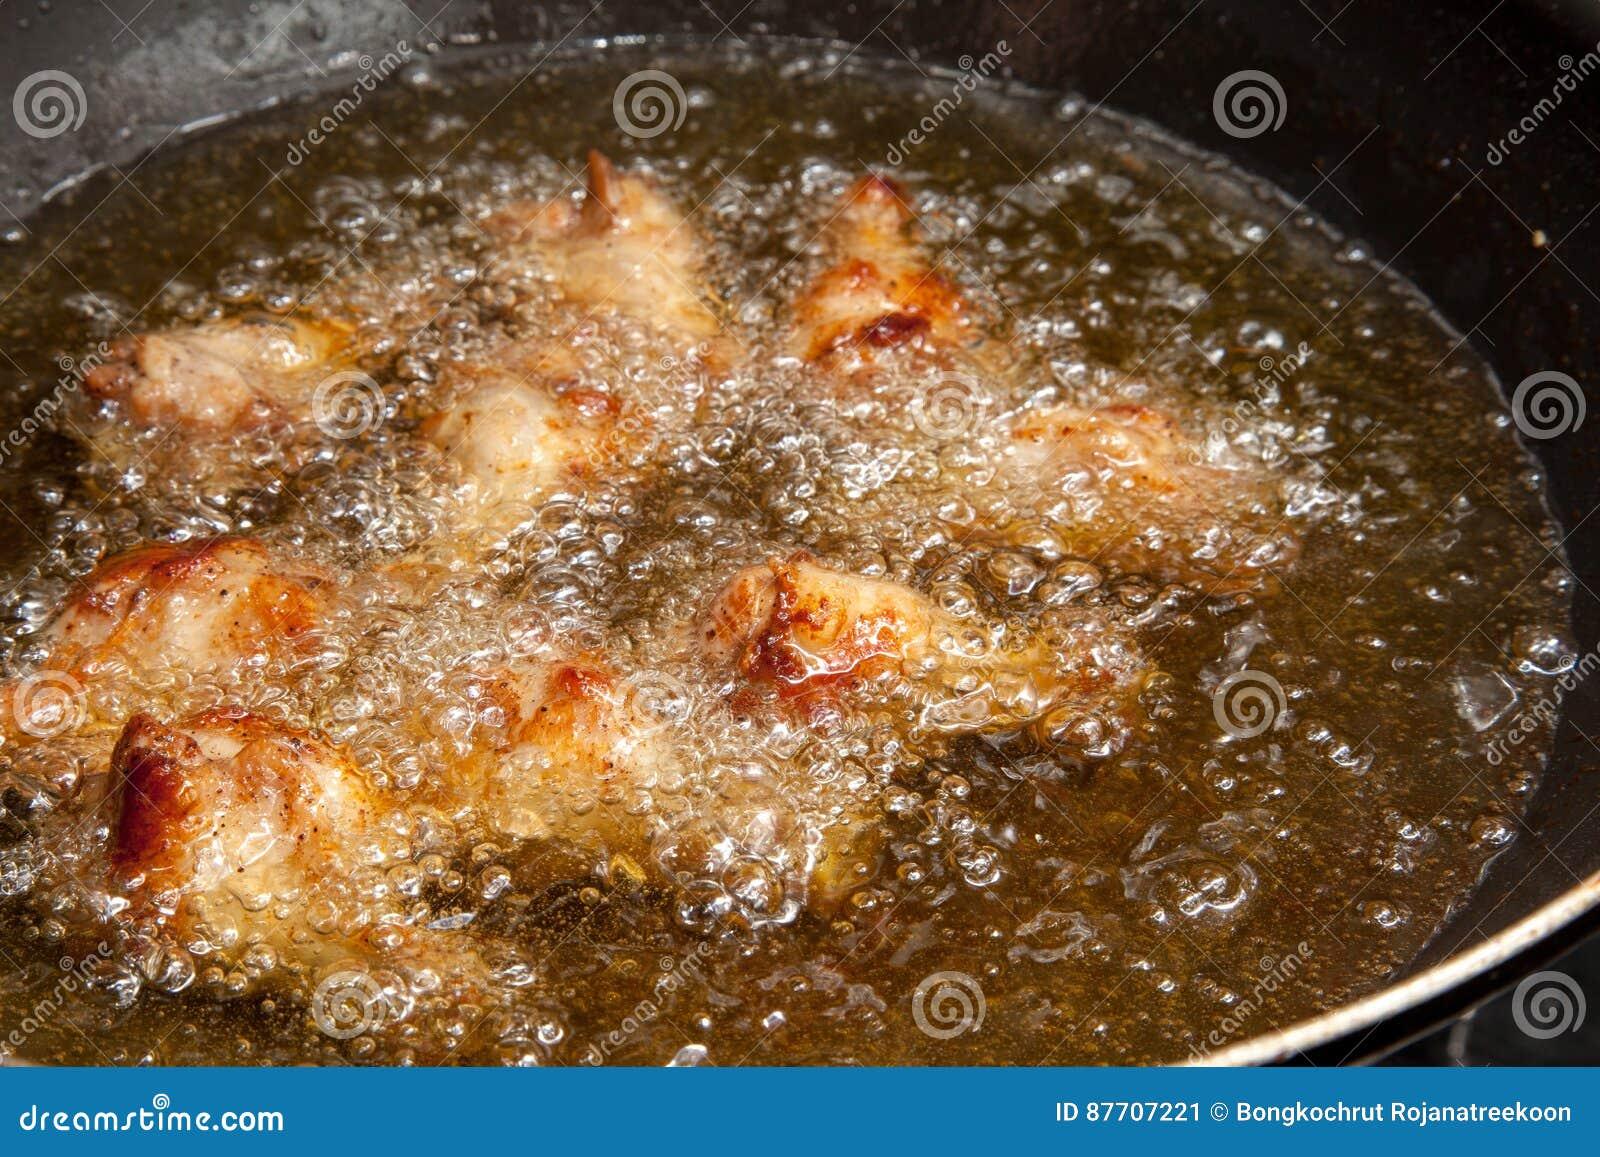 Ailes de poulet frit dans la casserole